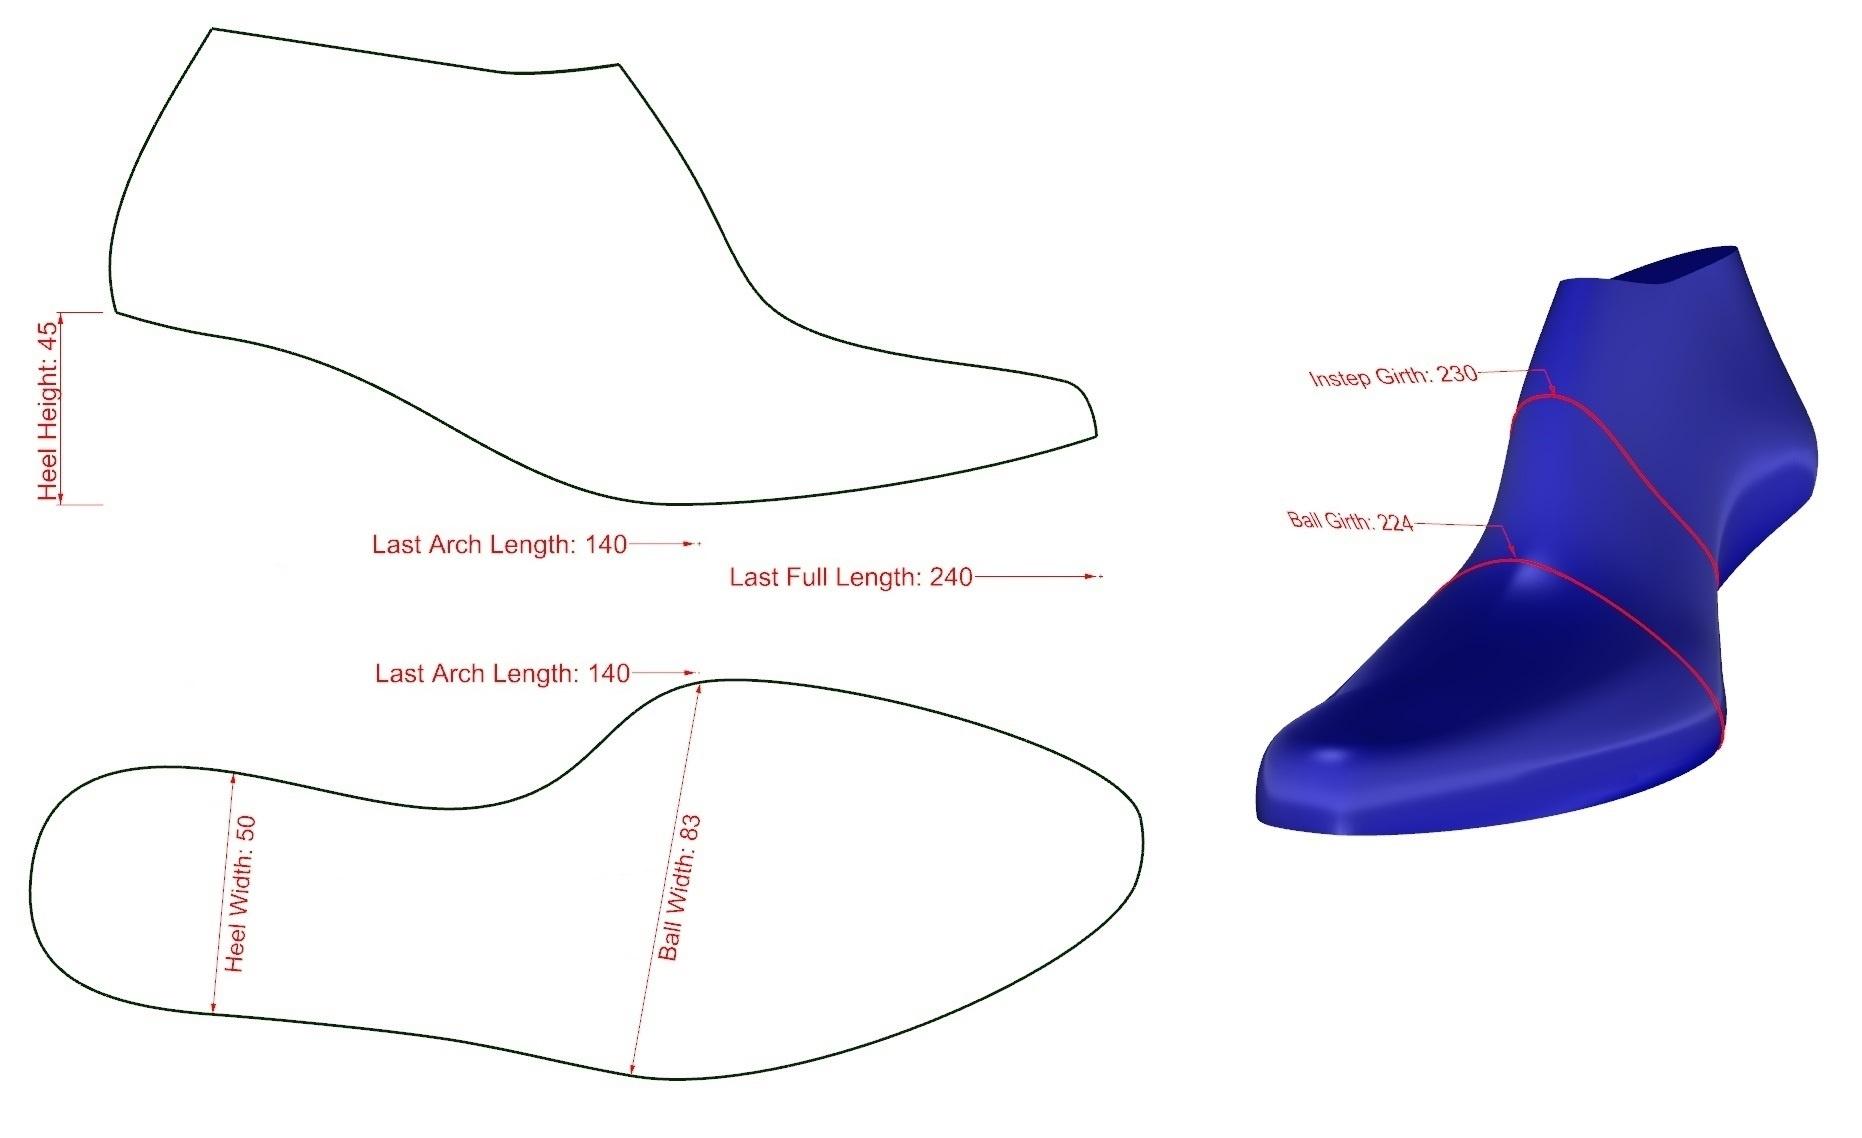 Shoe Last Measurements